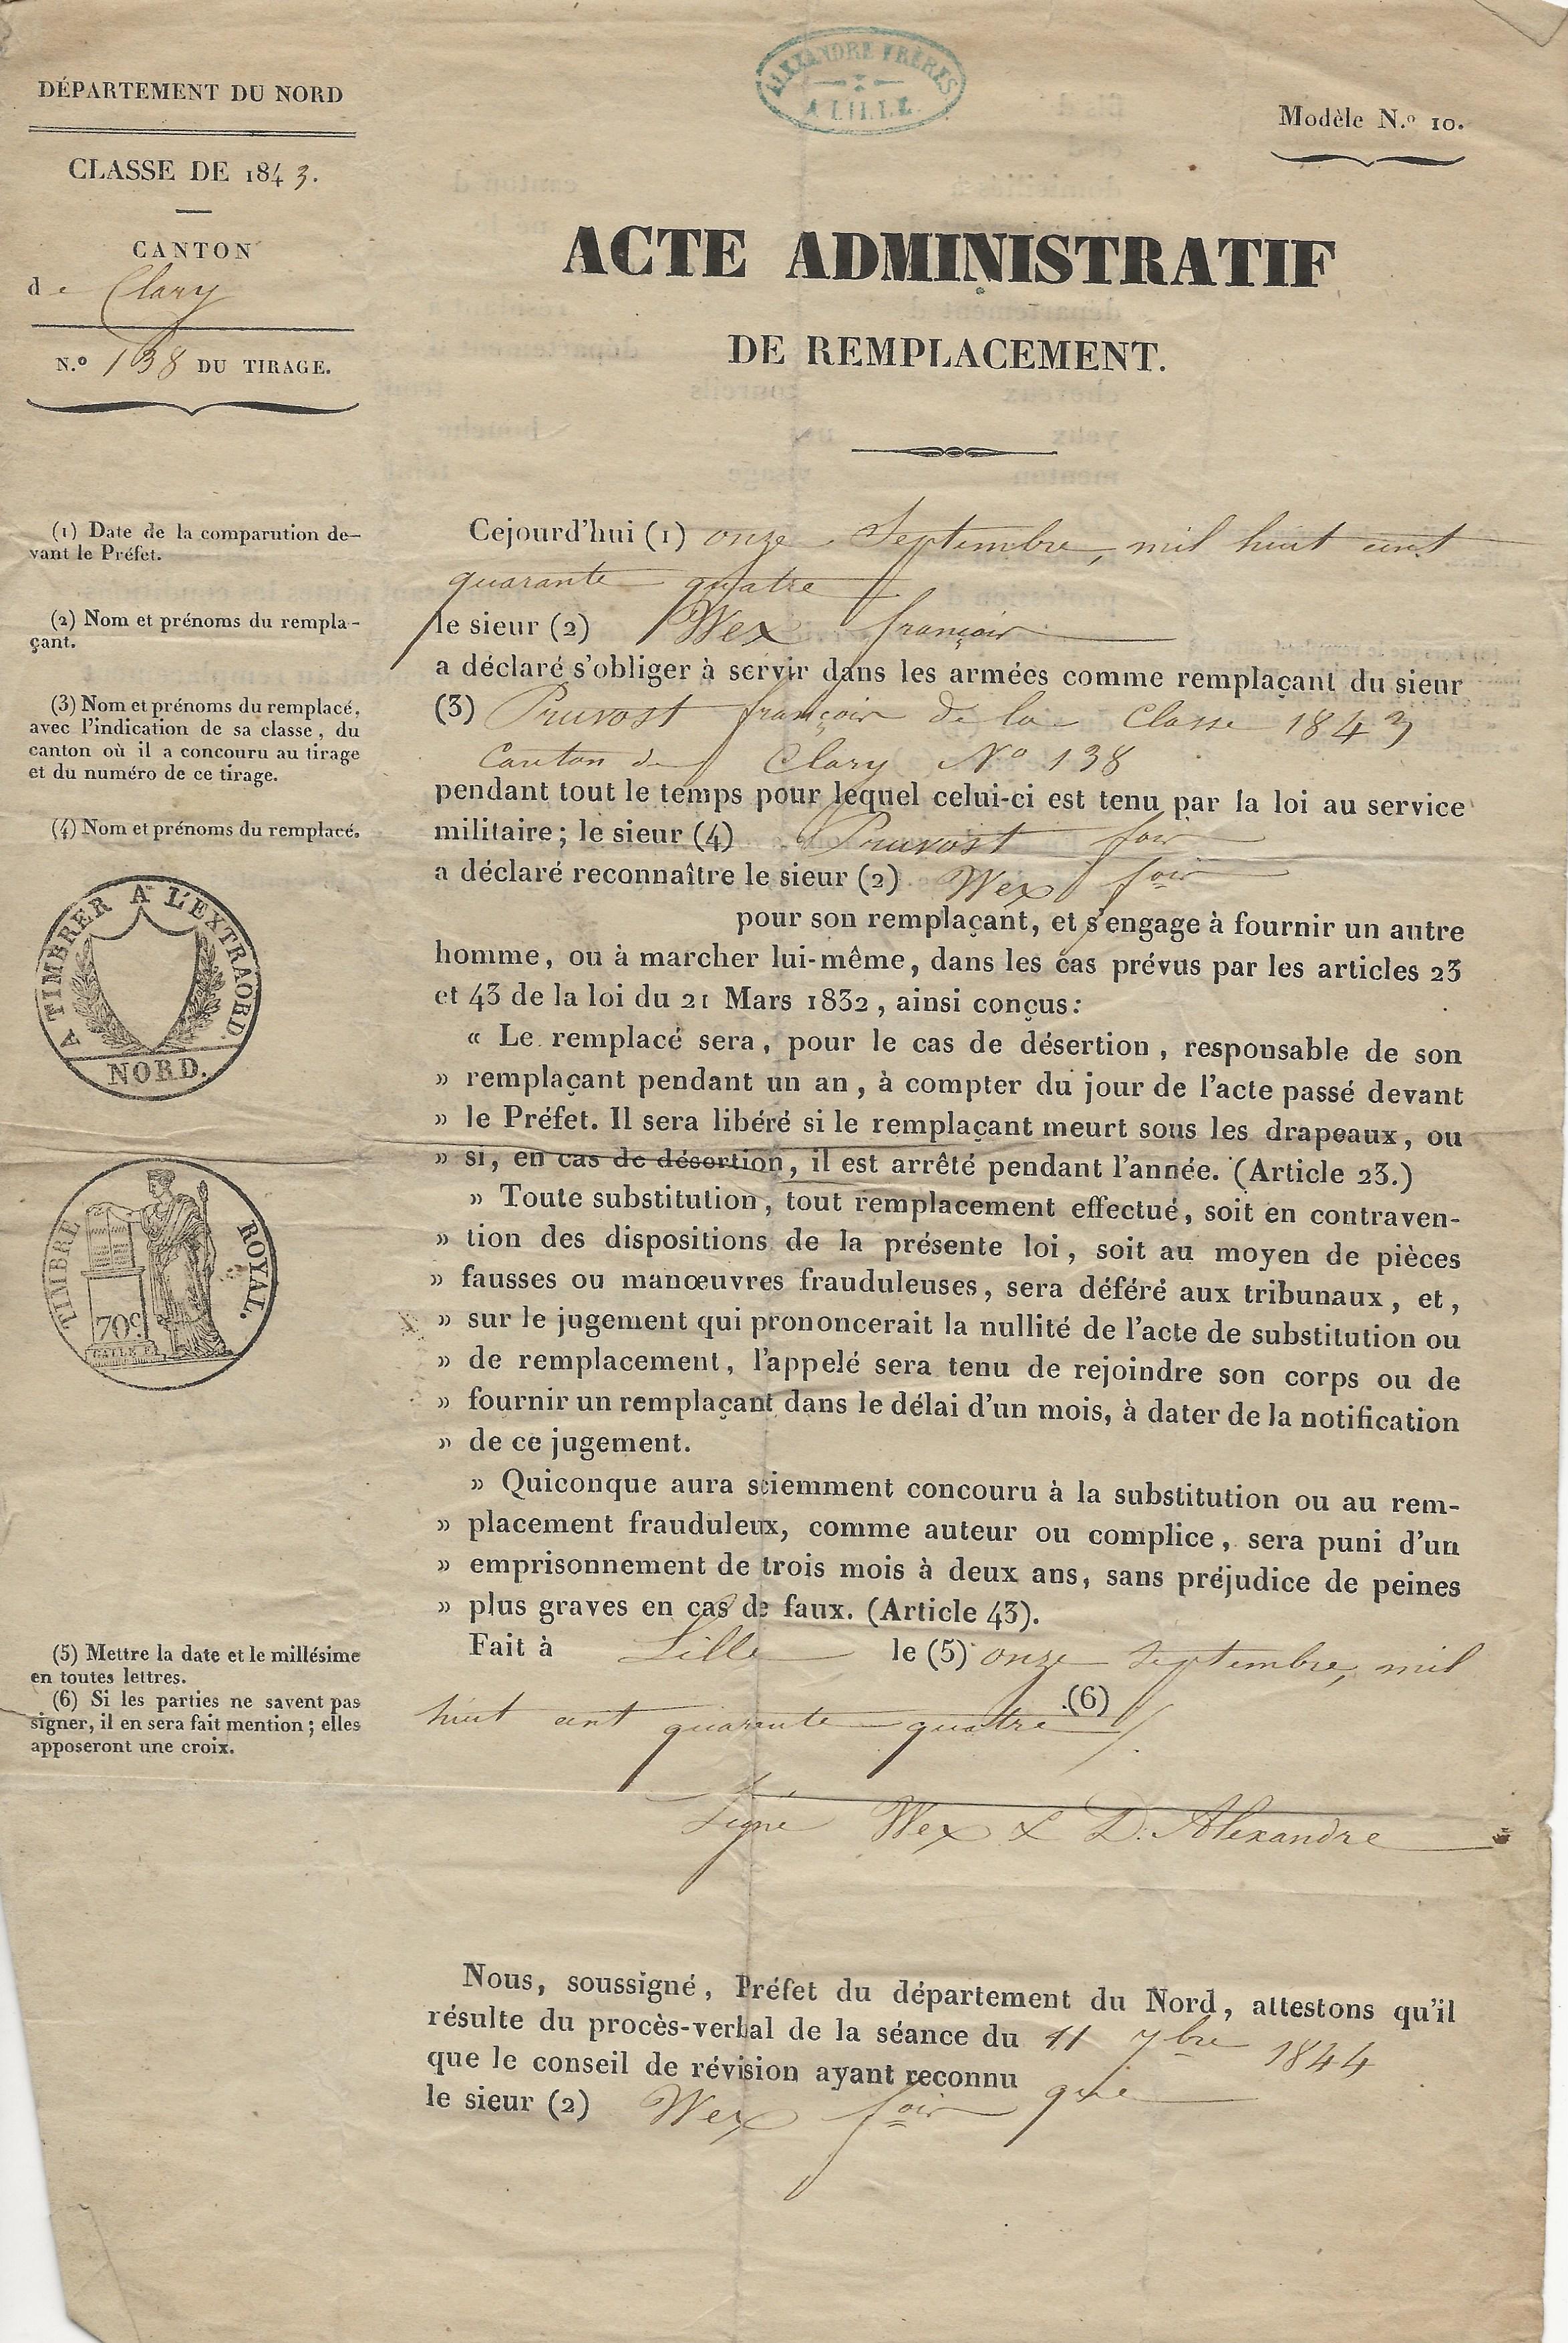 1844 acte de remplacement de francois pruvot 001